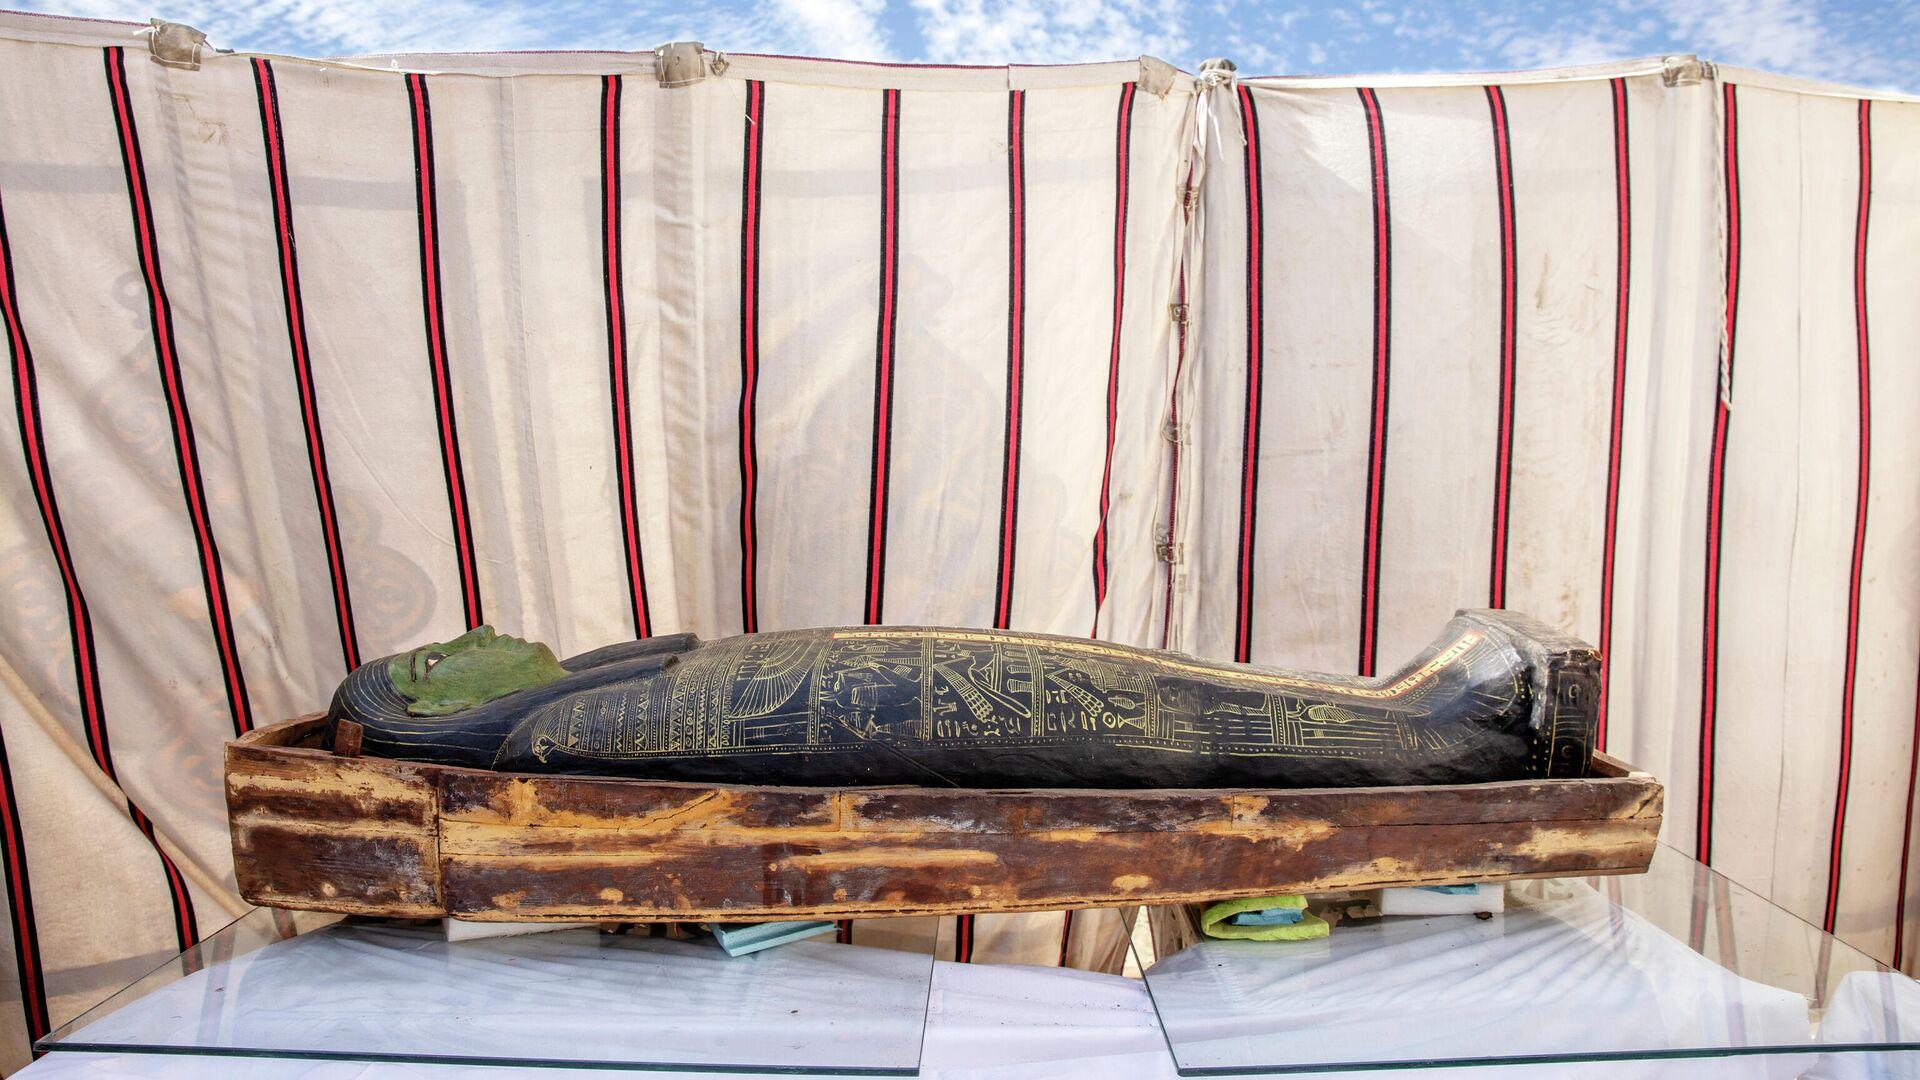 Древний саркофаг, обнаруженный египетским археологом Захи Хавассом и его командой в огромном некрополе в Саккаре, к югу от Каира, Египет - РИА Новости, 1920, 20.01.2021